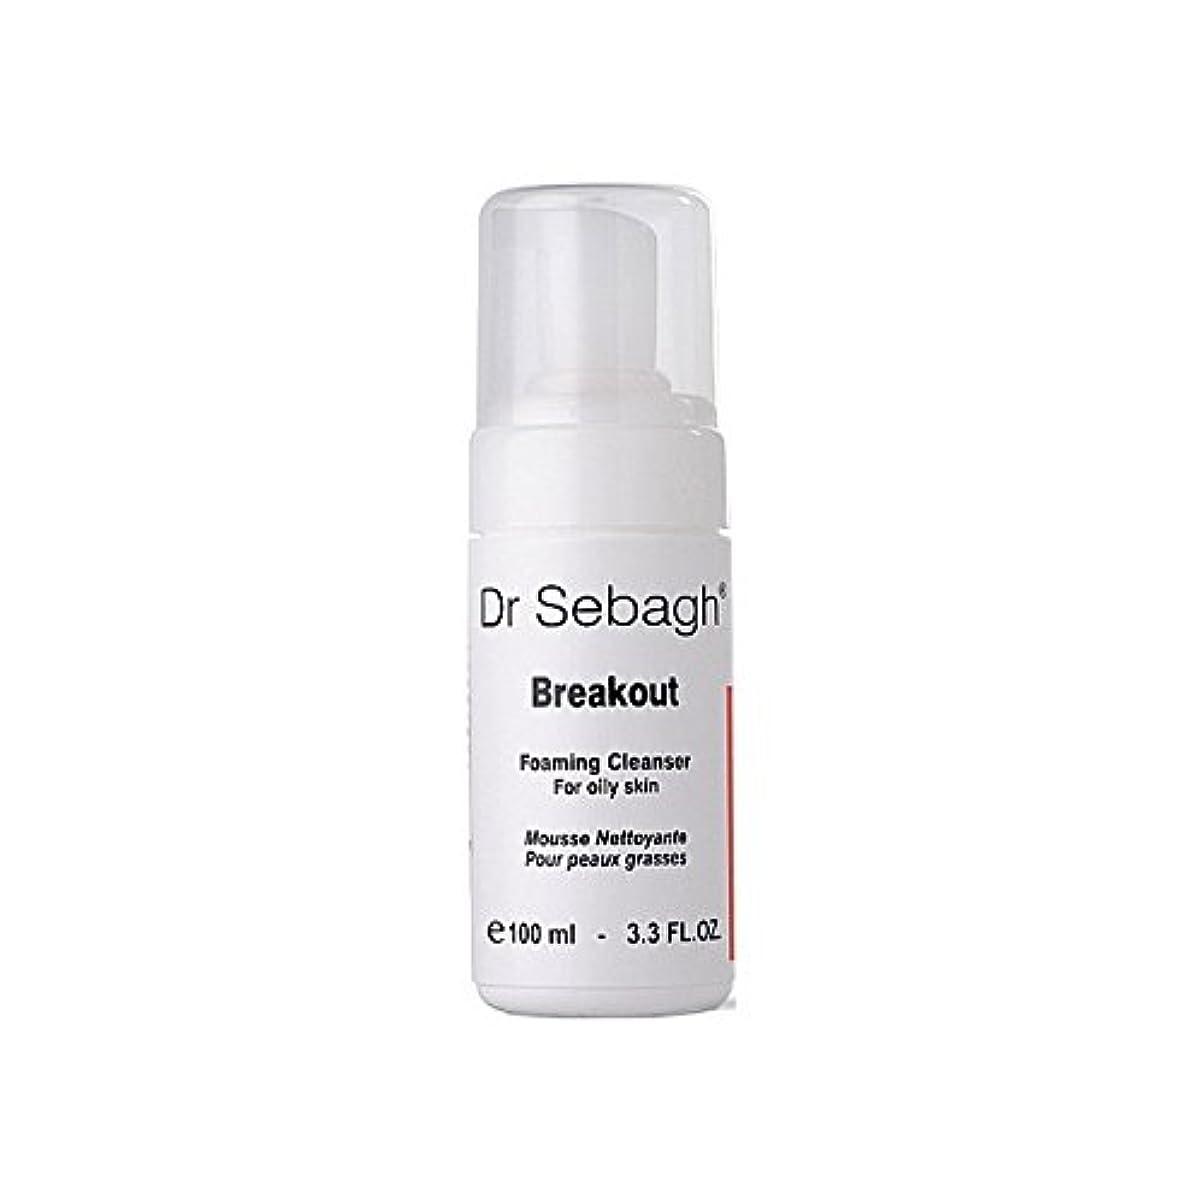 追加降下裂け目Dr Sebagh Breakout Foaming Cleanser - クレンザーを発泡の のブレイクアウト [並行輸入品]